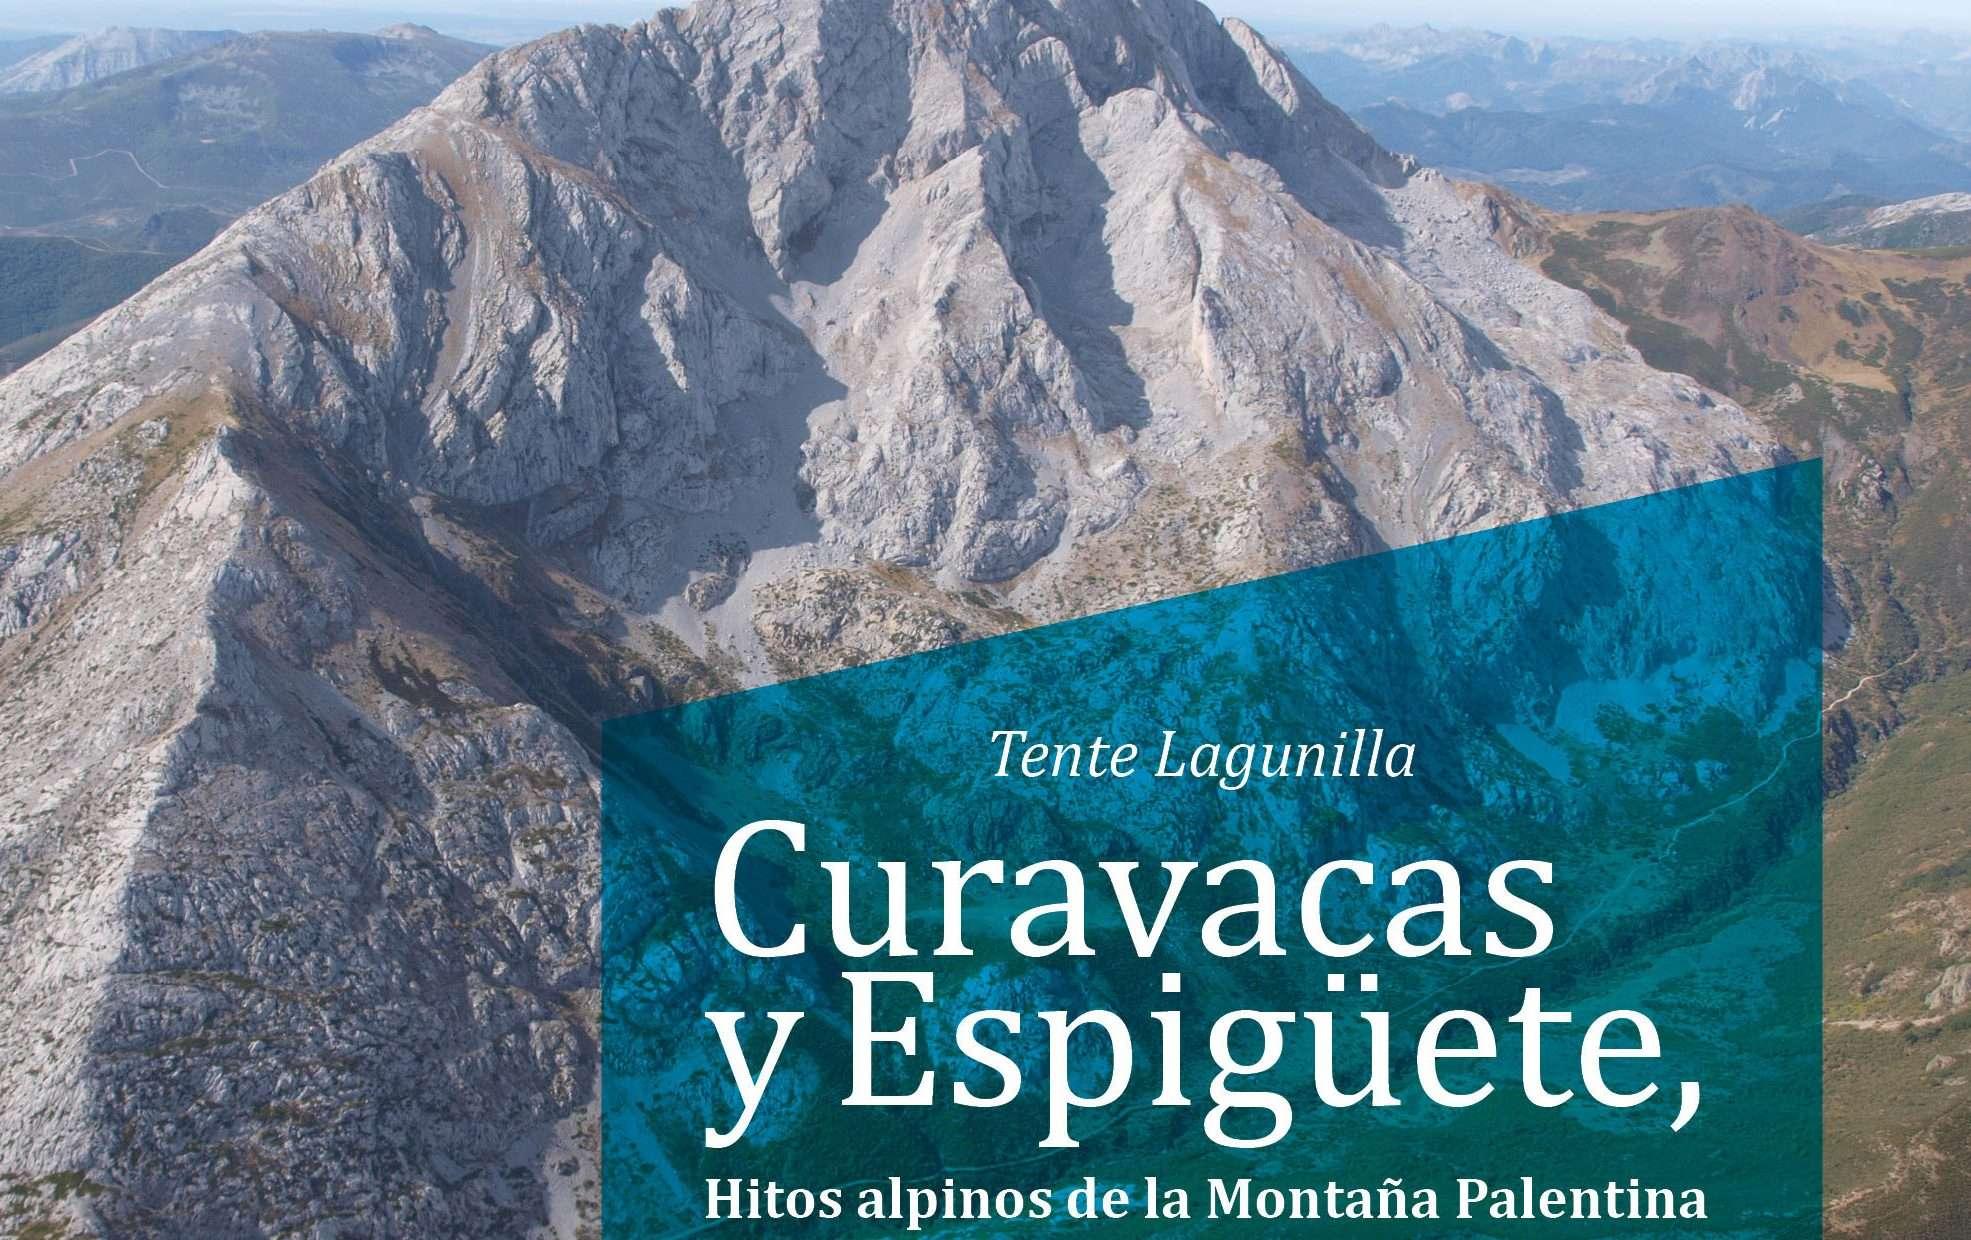 'Curavacas y Espigüete, hitos alpinos de la Montaña Palentina', por Tente Lagunilla